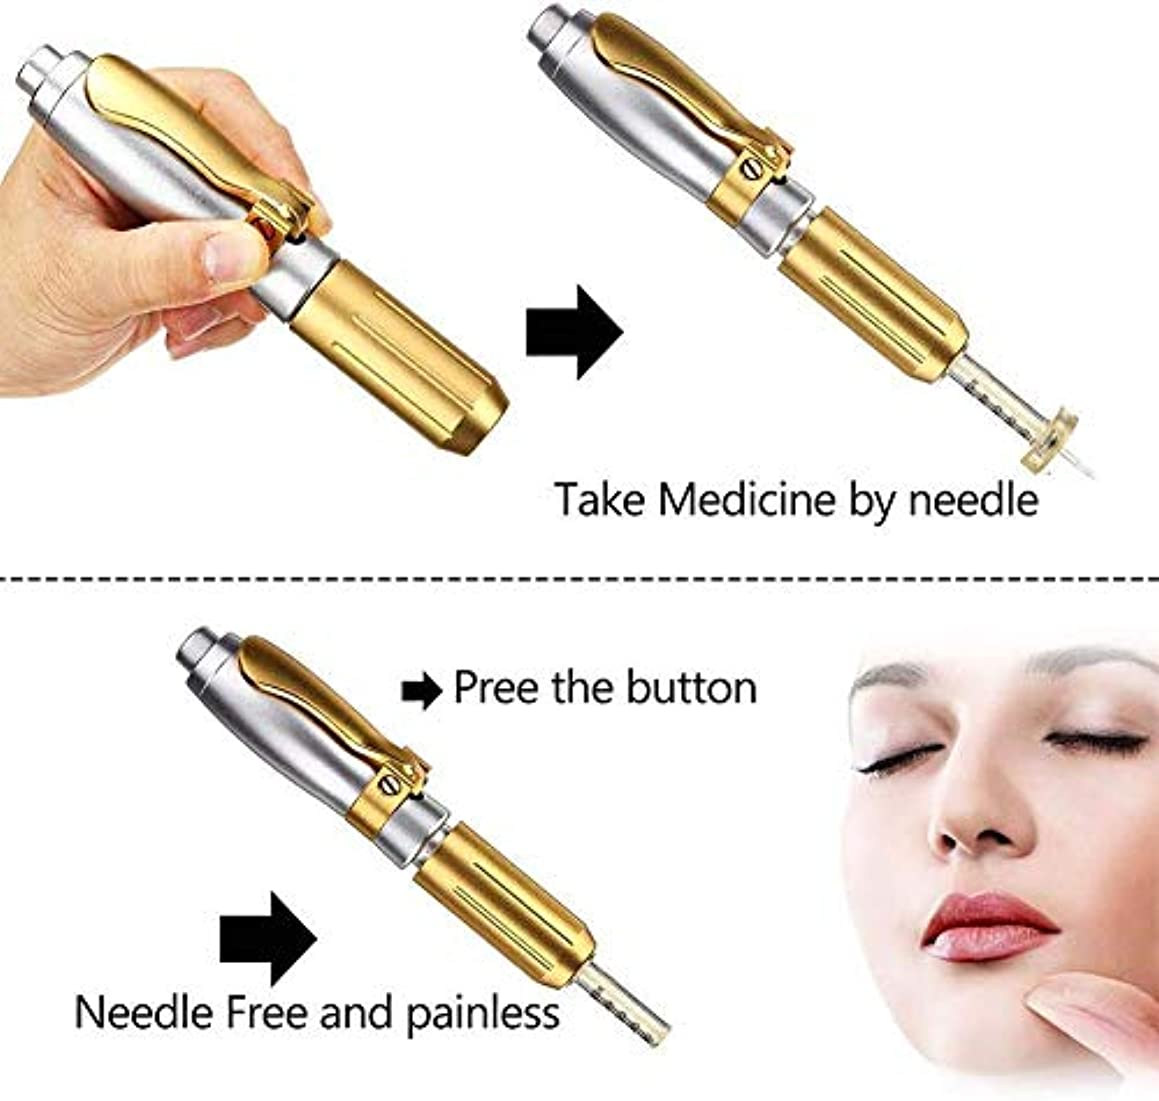 常識ピッチ弱めるヒアルロンペンスキンケアマシン針なしのヒアルロン注射ペンしわの除去水インジェクターアトマイザー肌の若返り